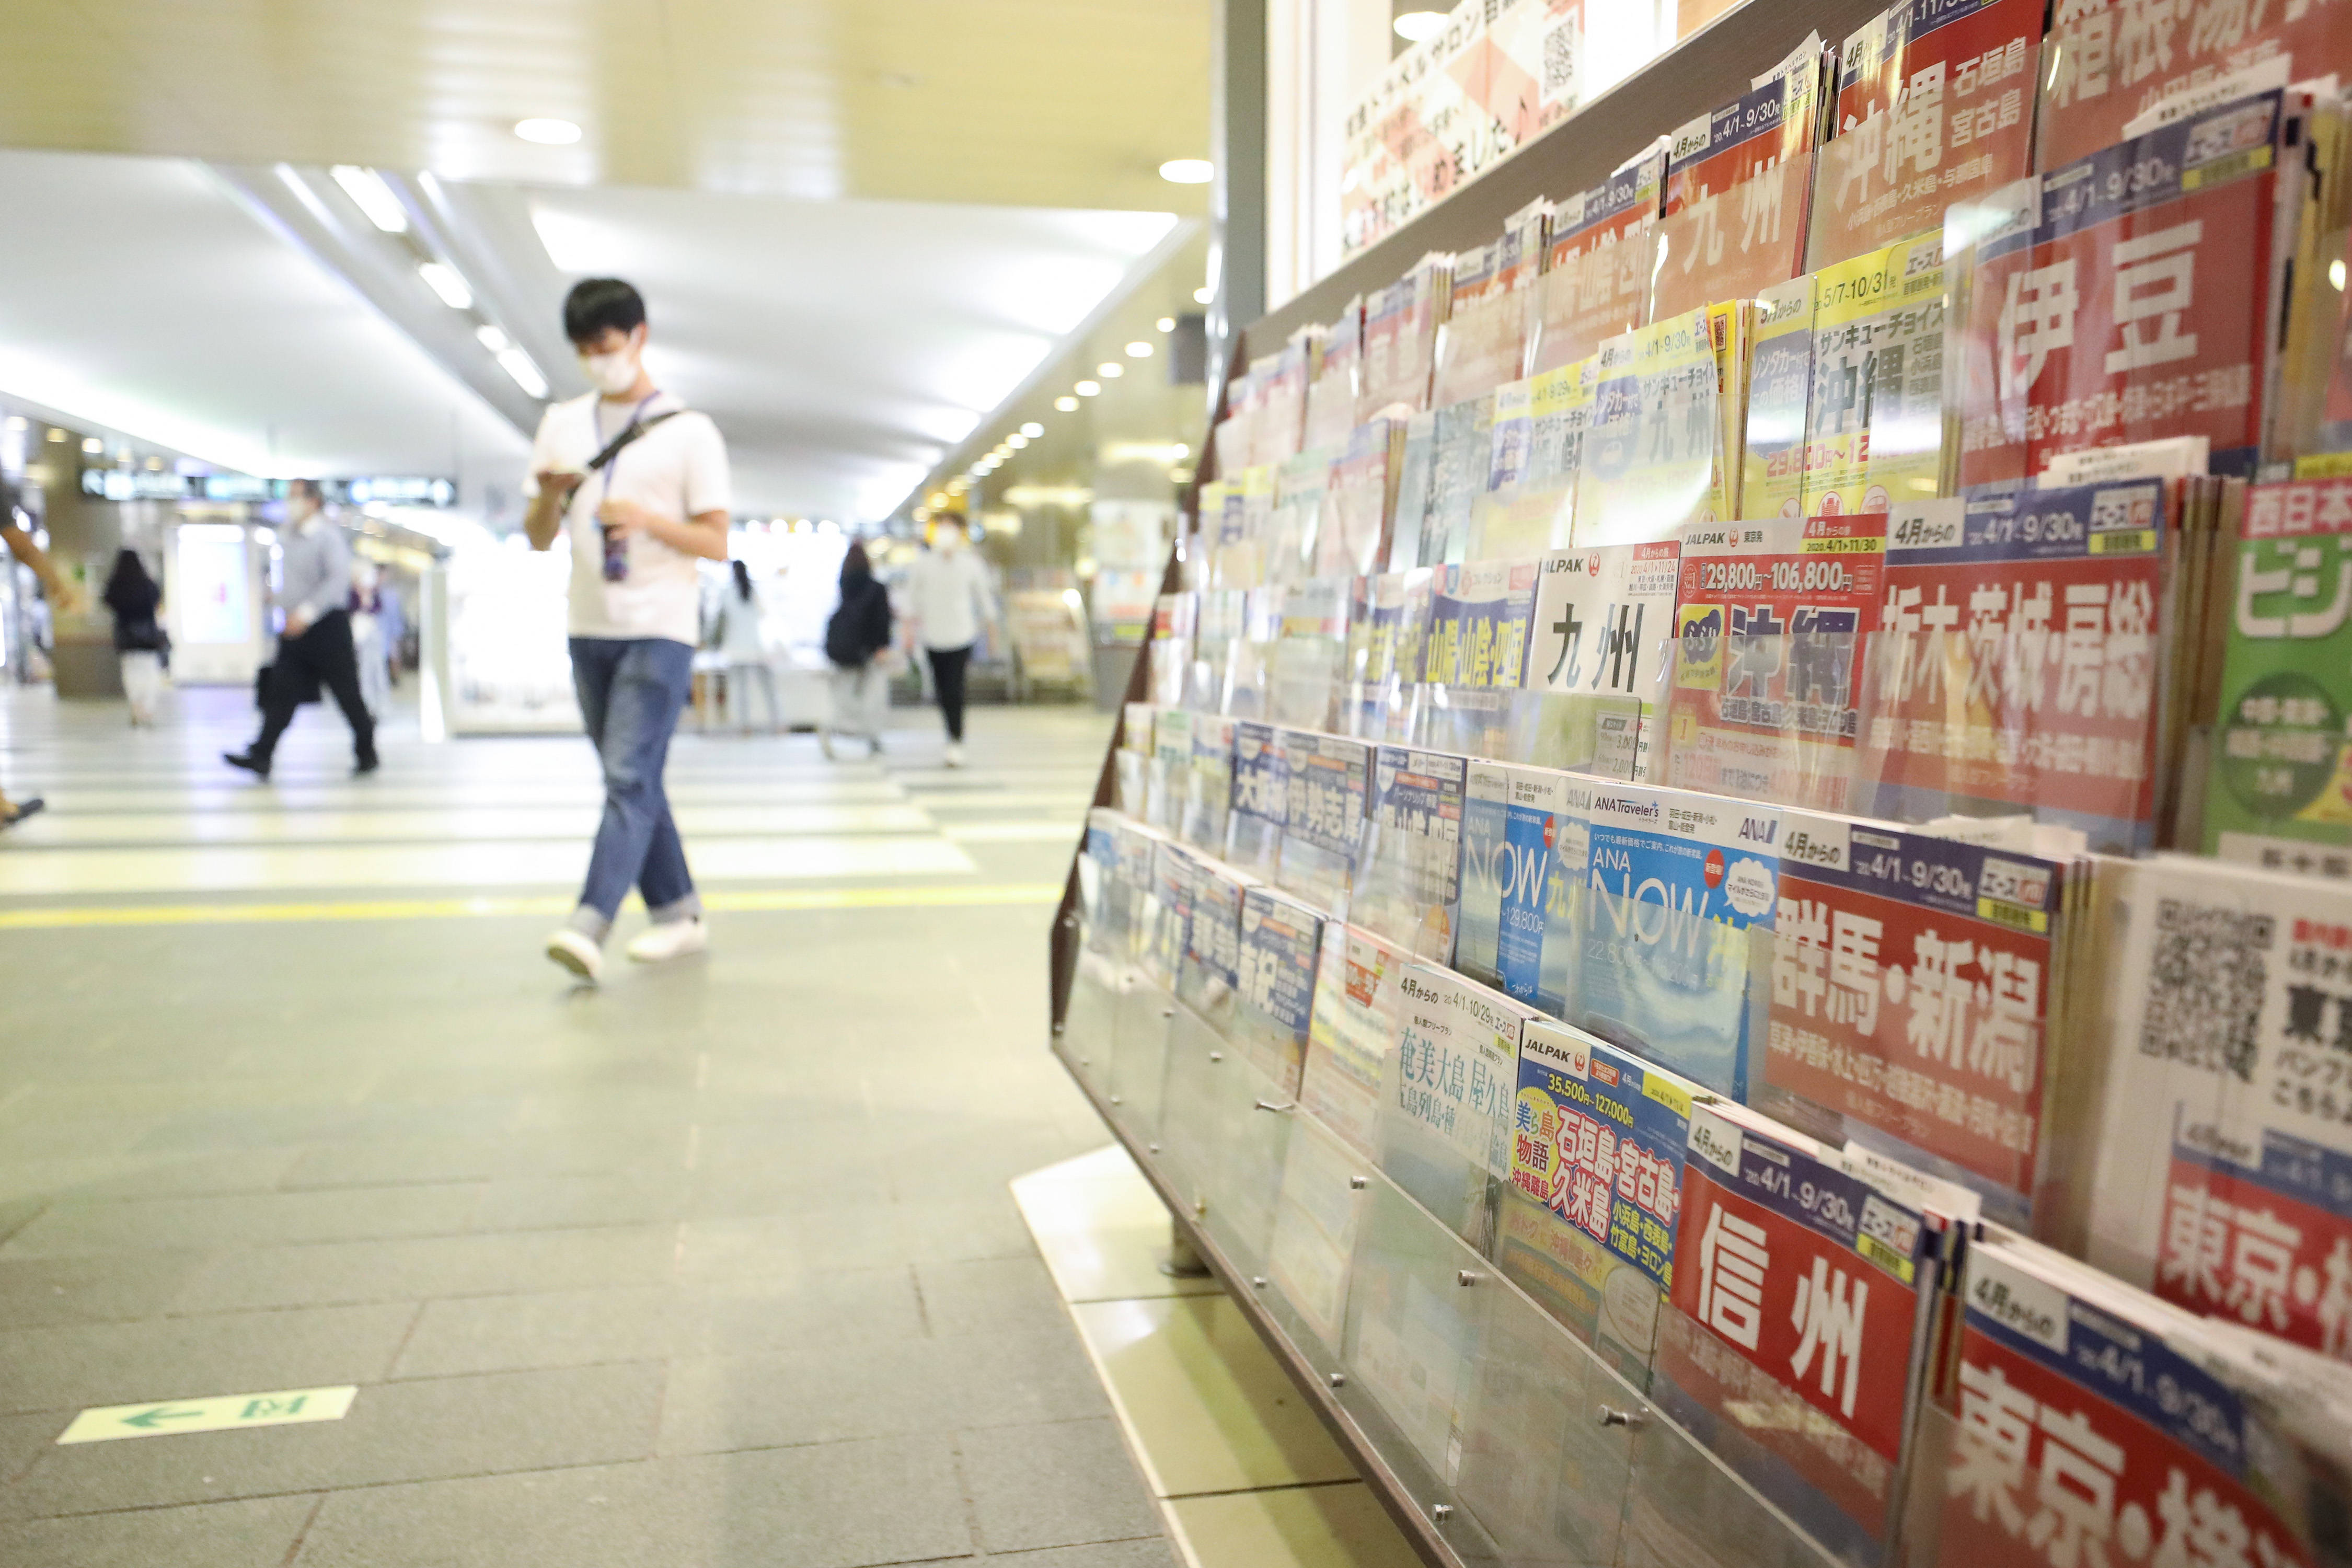 财经观察:振兴国内游促日本旅游业复苏引争议